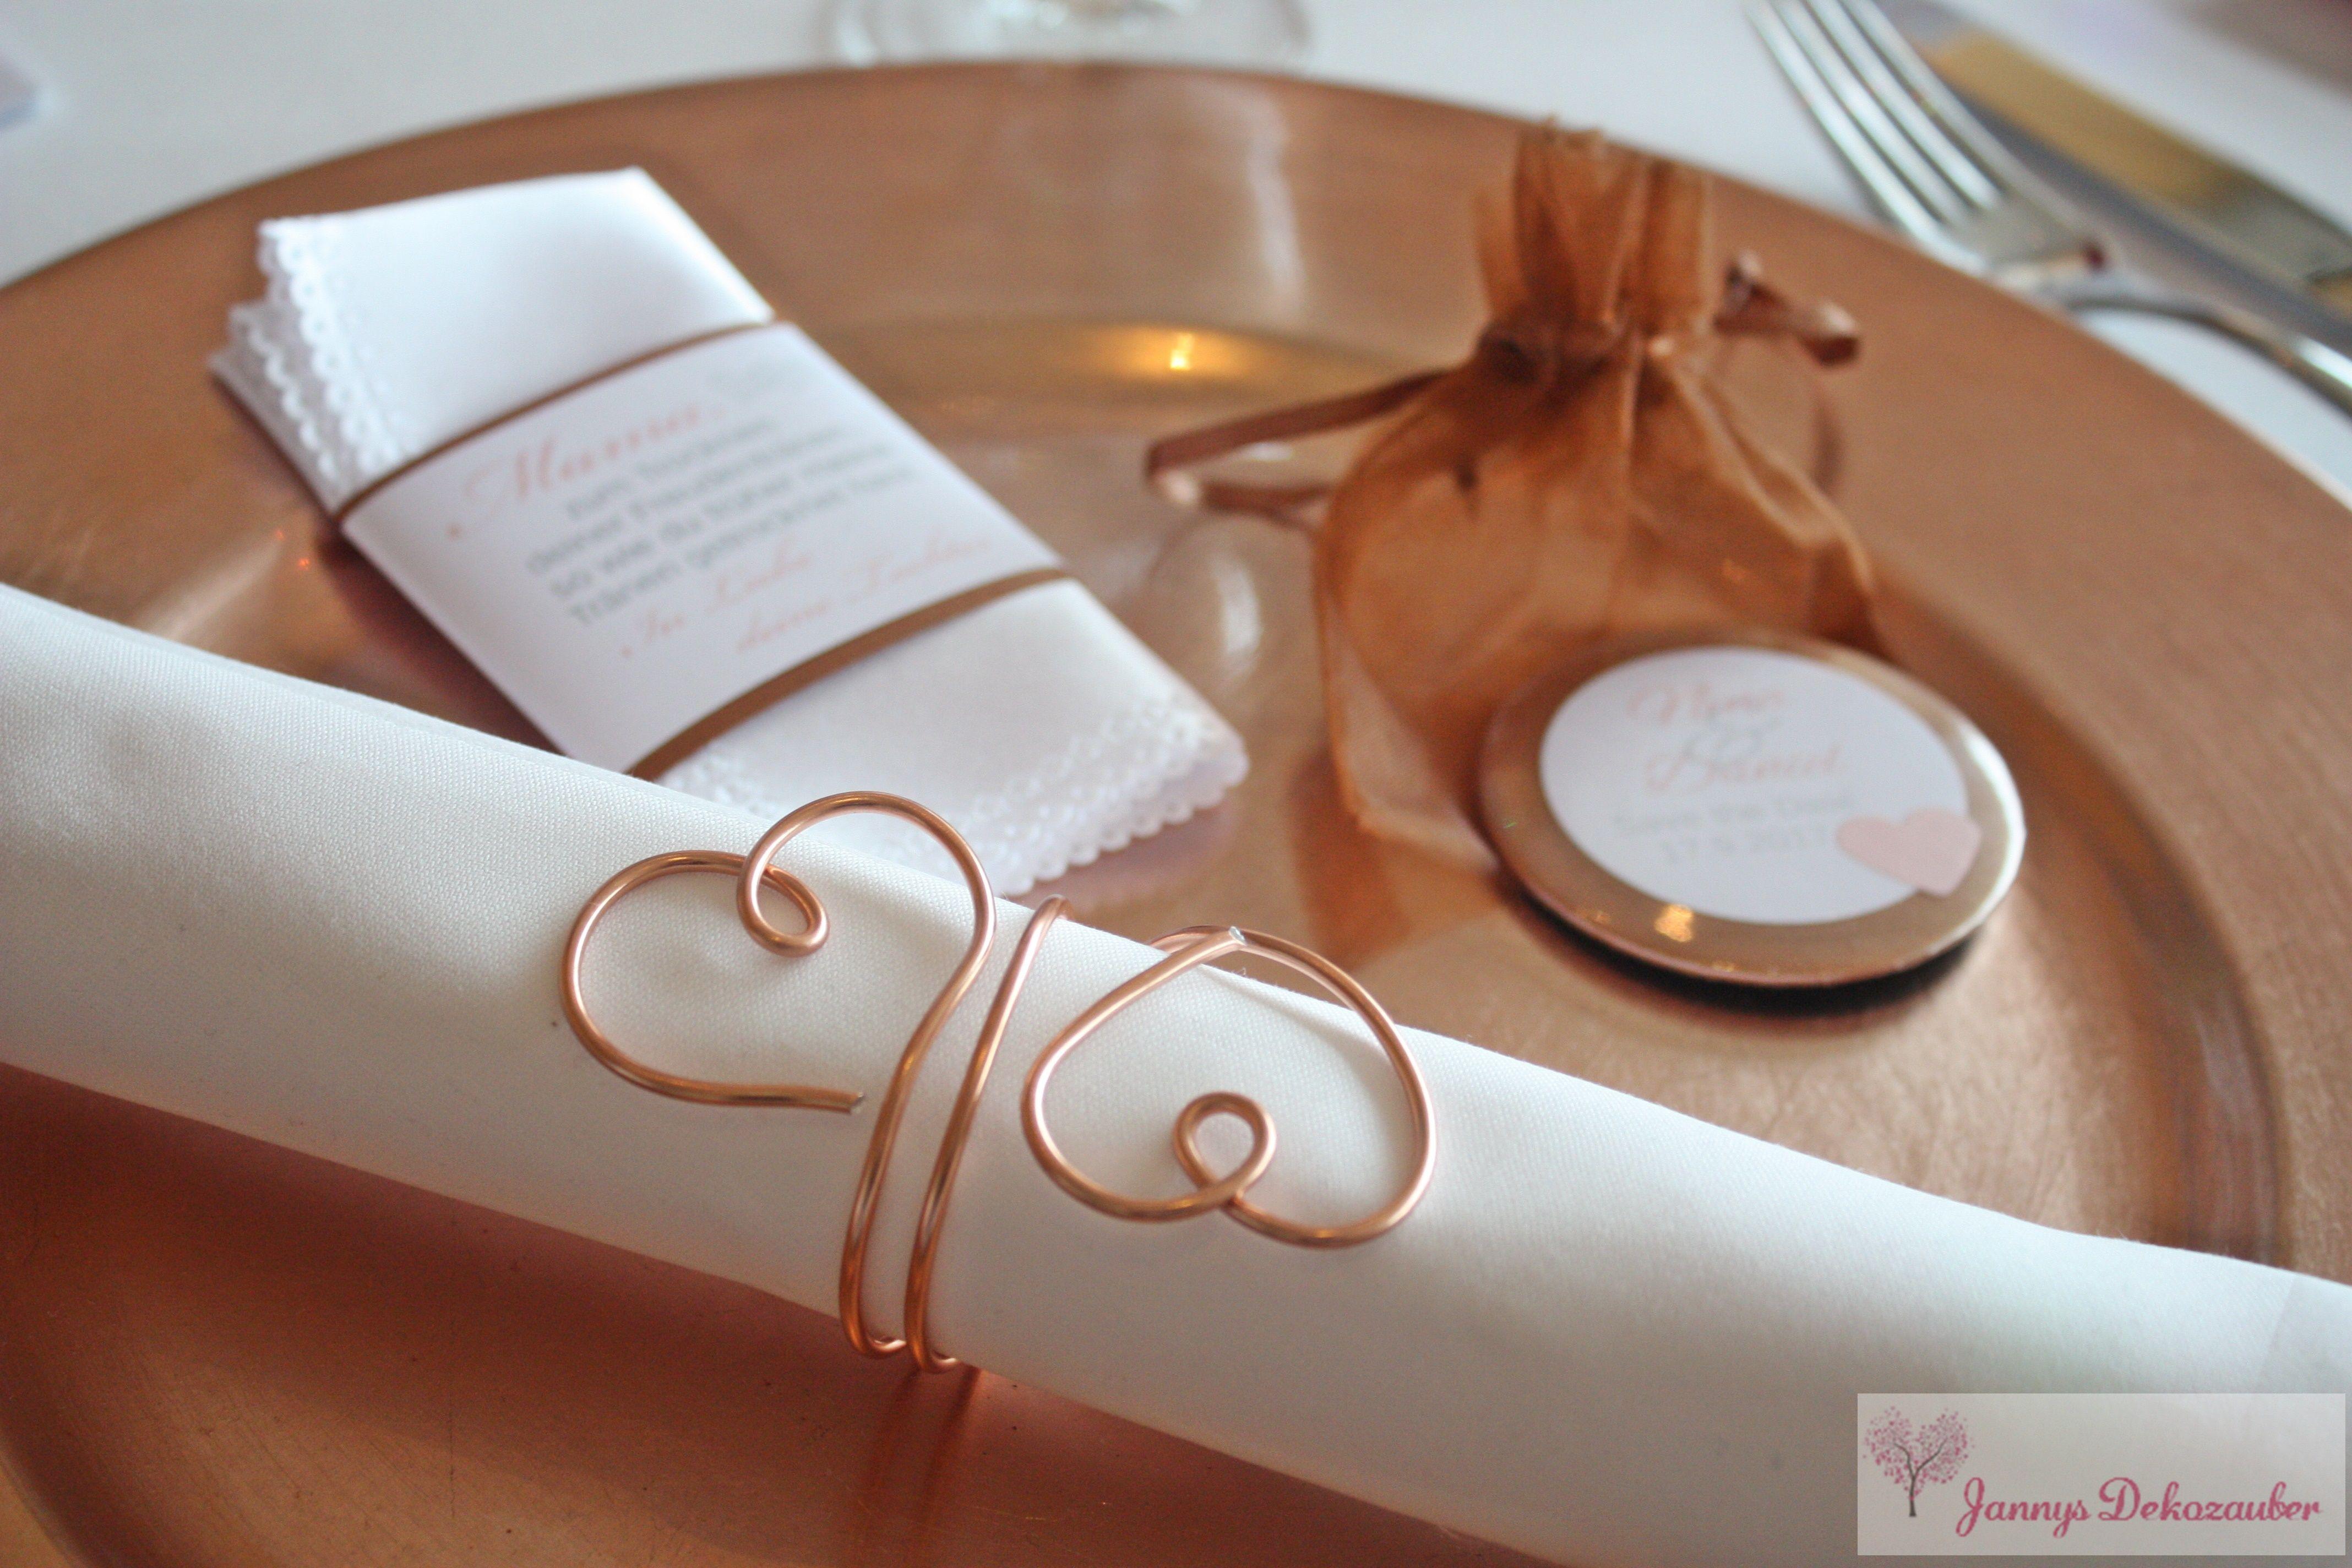 Stofftaschentuch Banderole Spiegel Taschenspiegel Kupfer Draht  Serviettenring Herzen Hochzeitsdeko Hochzeit Individuell Tischdeko